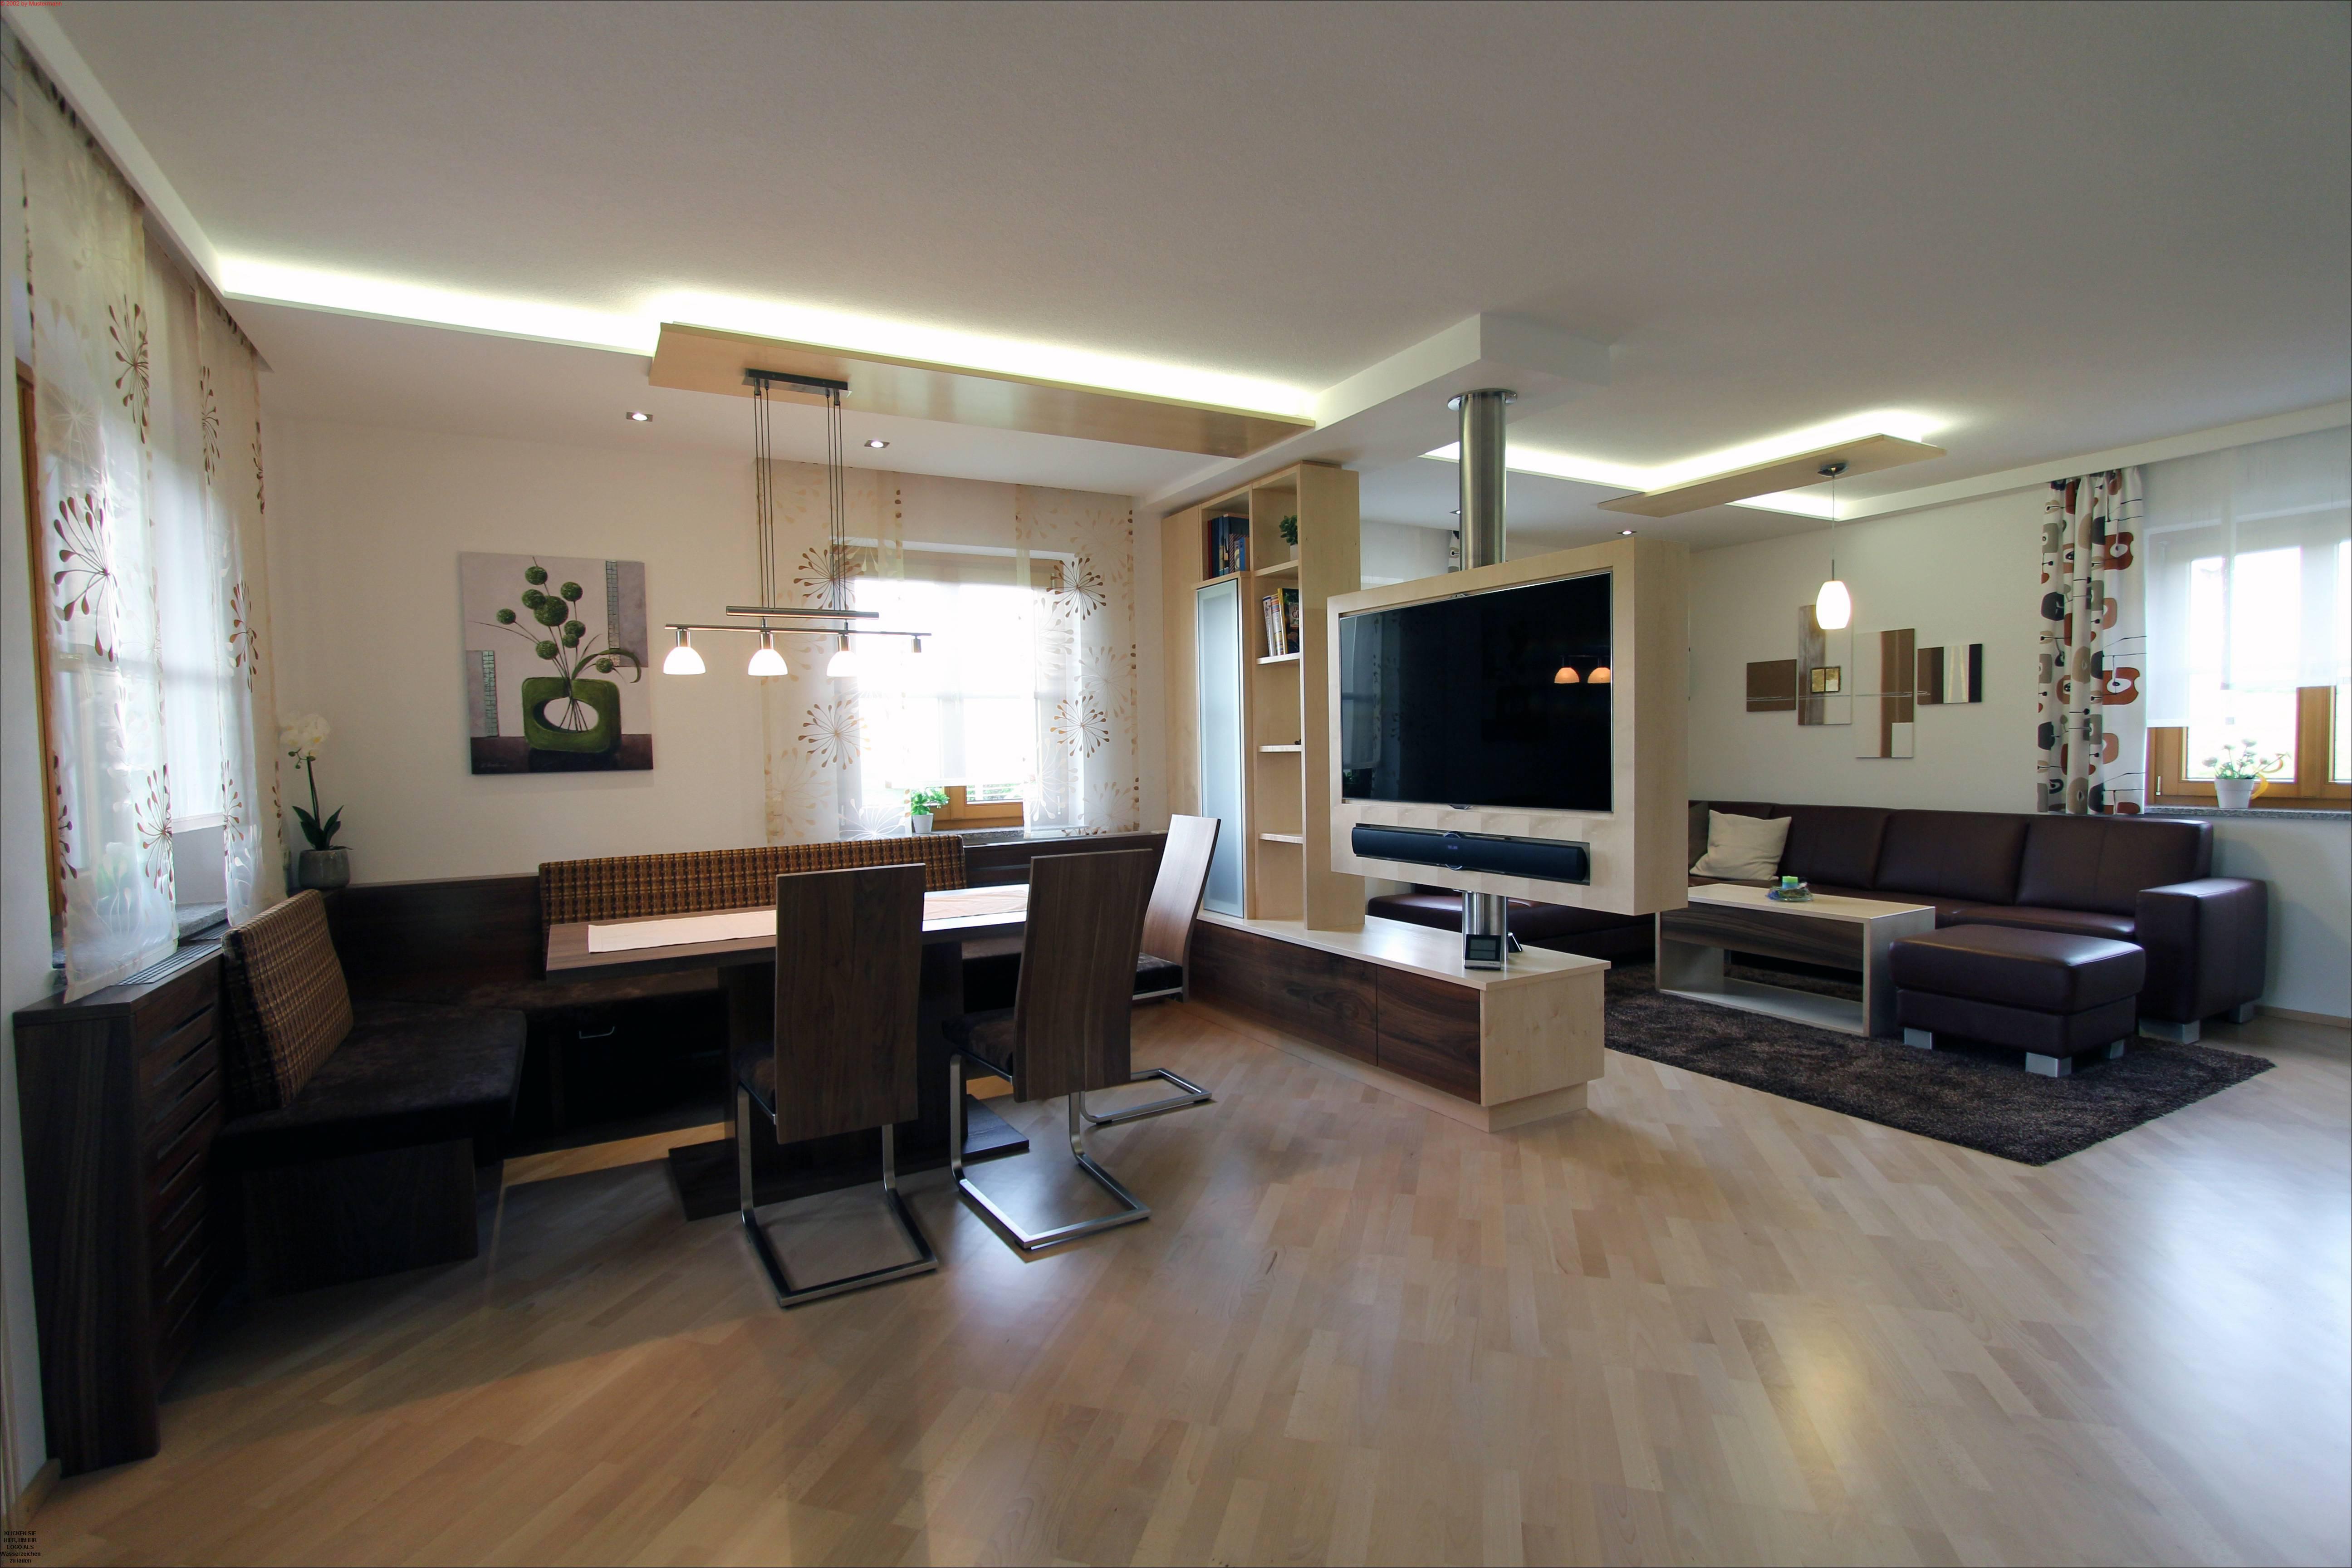 wohn und esszimmer mit drehbaren fernseher listberger tischlerei. Black Bedroom Furniture Sets. Home Design Ideas